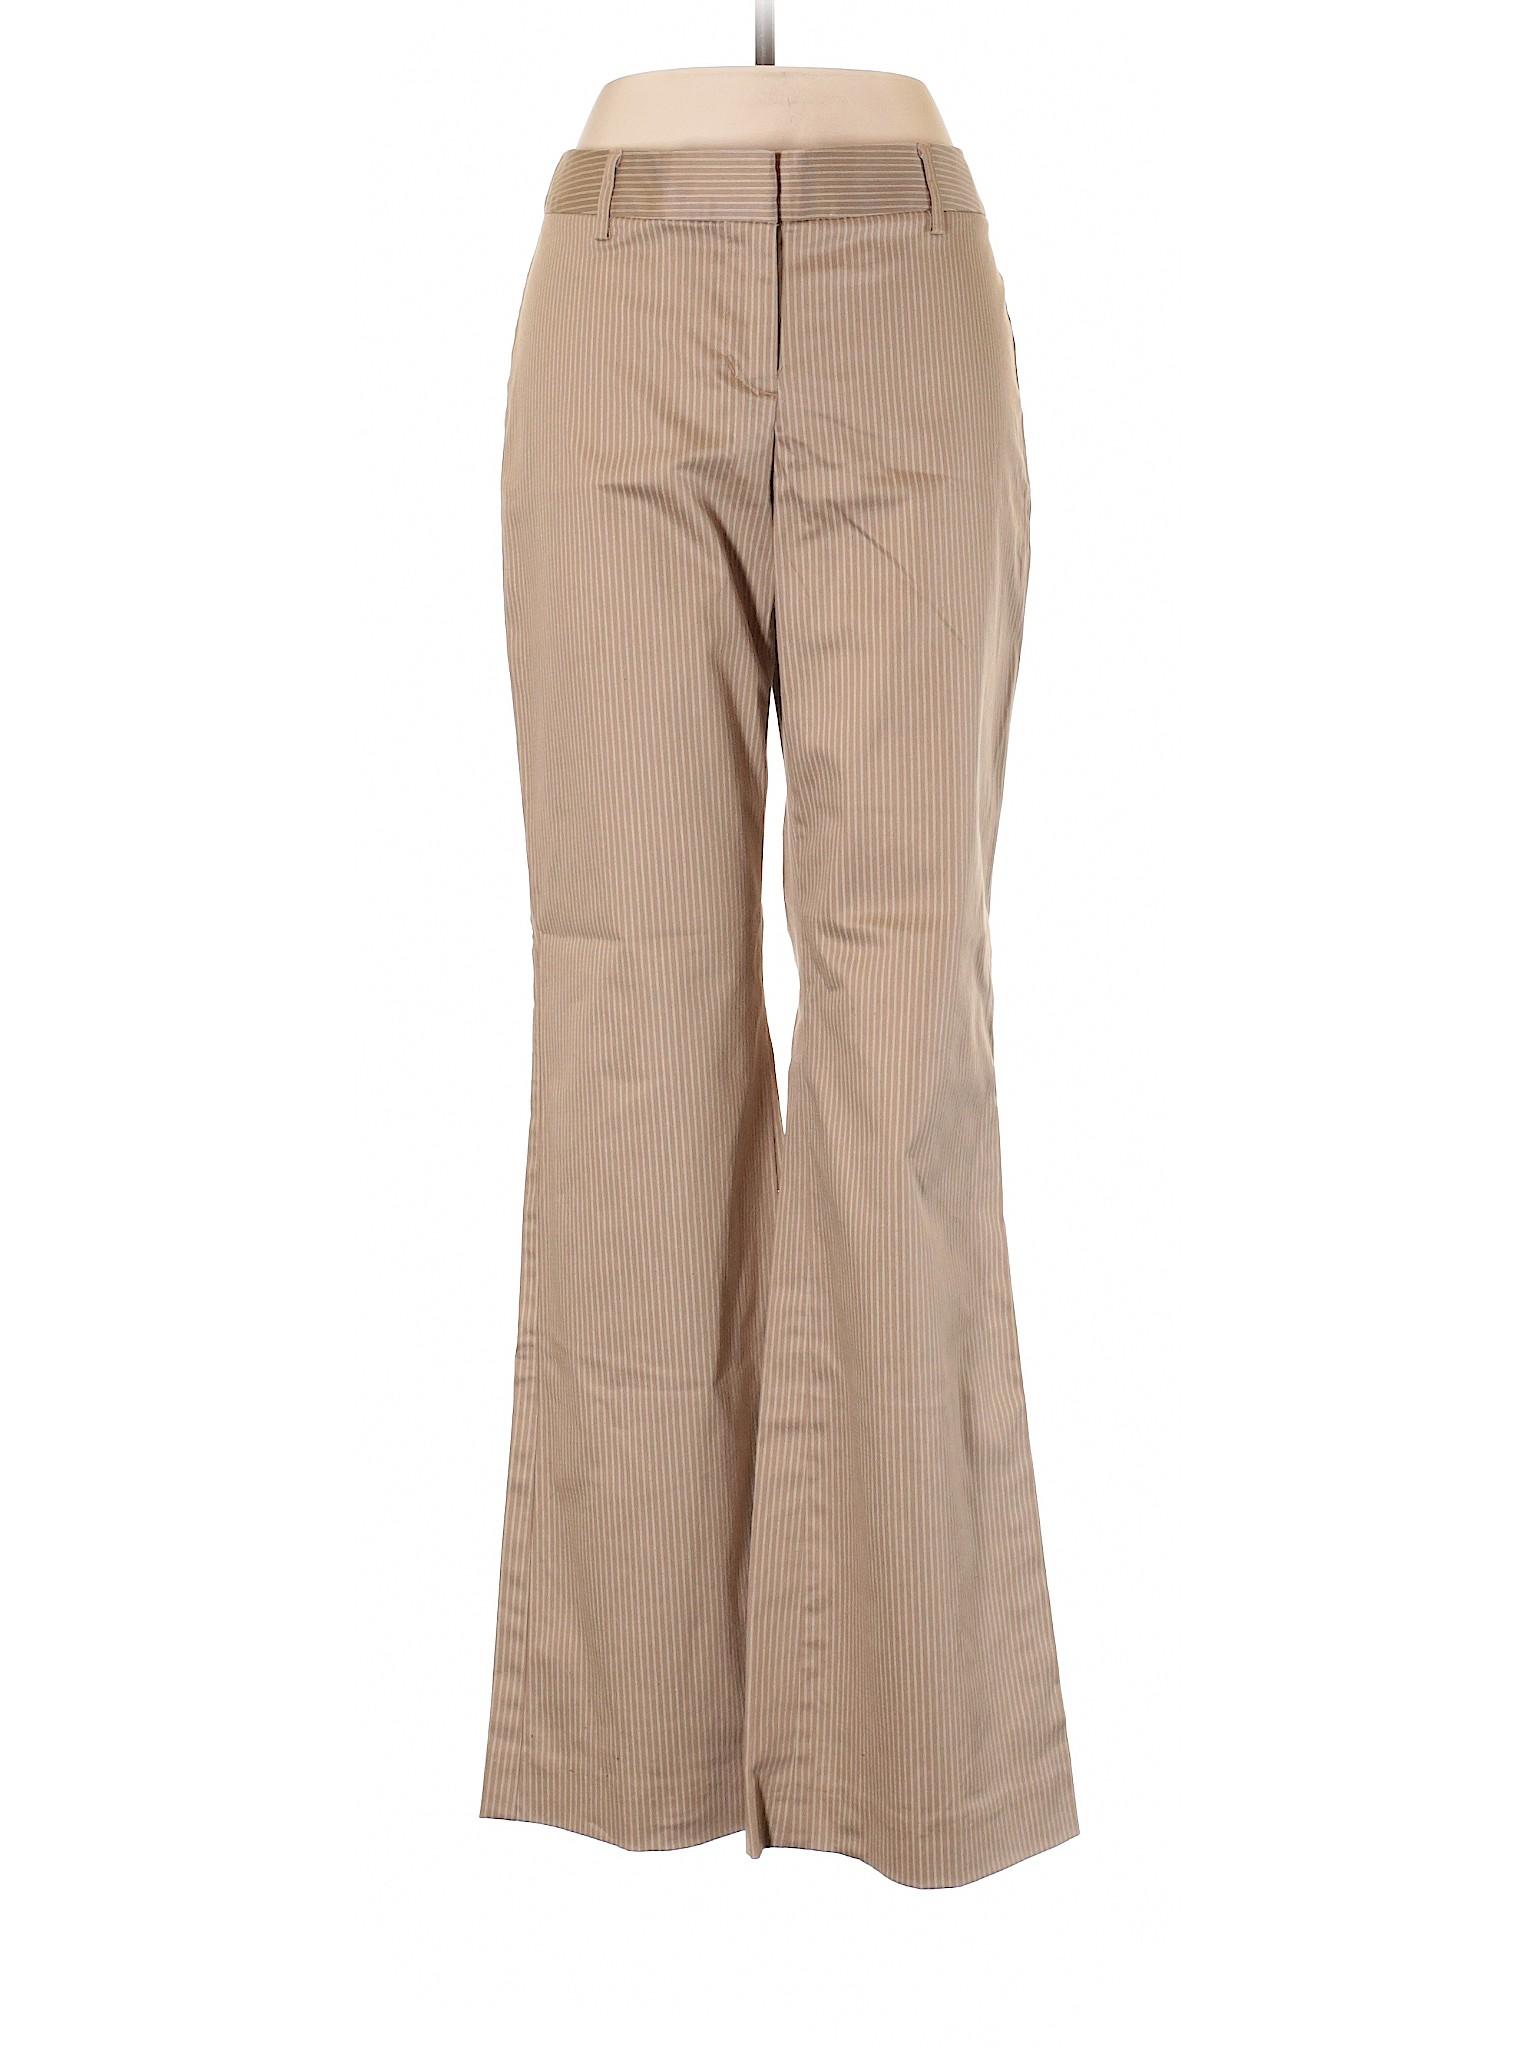 Studio Express Dress Boutique leisure Design Pants tRxn4q